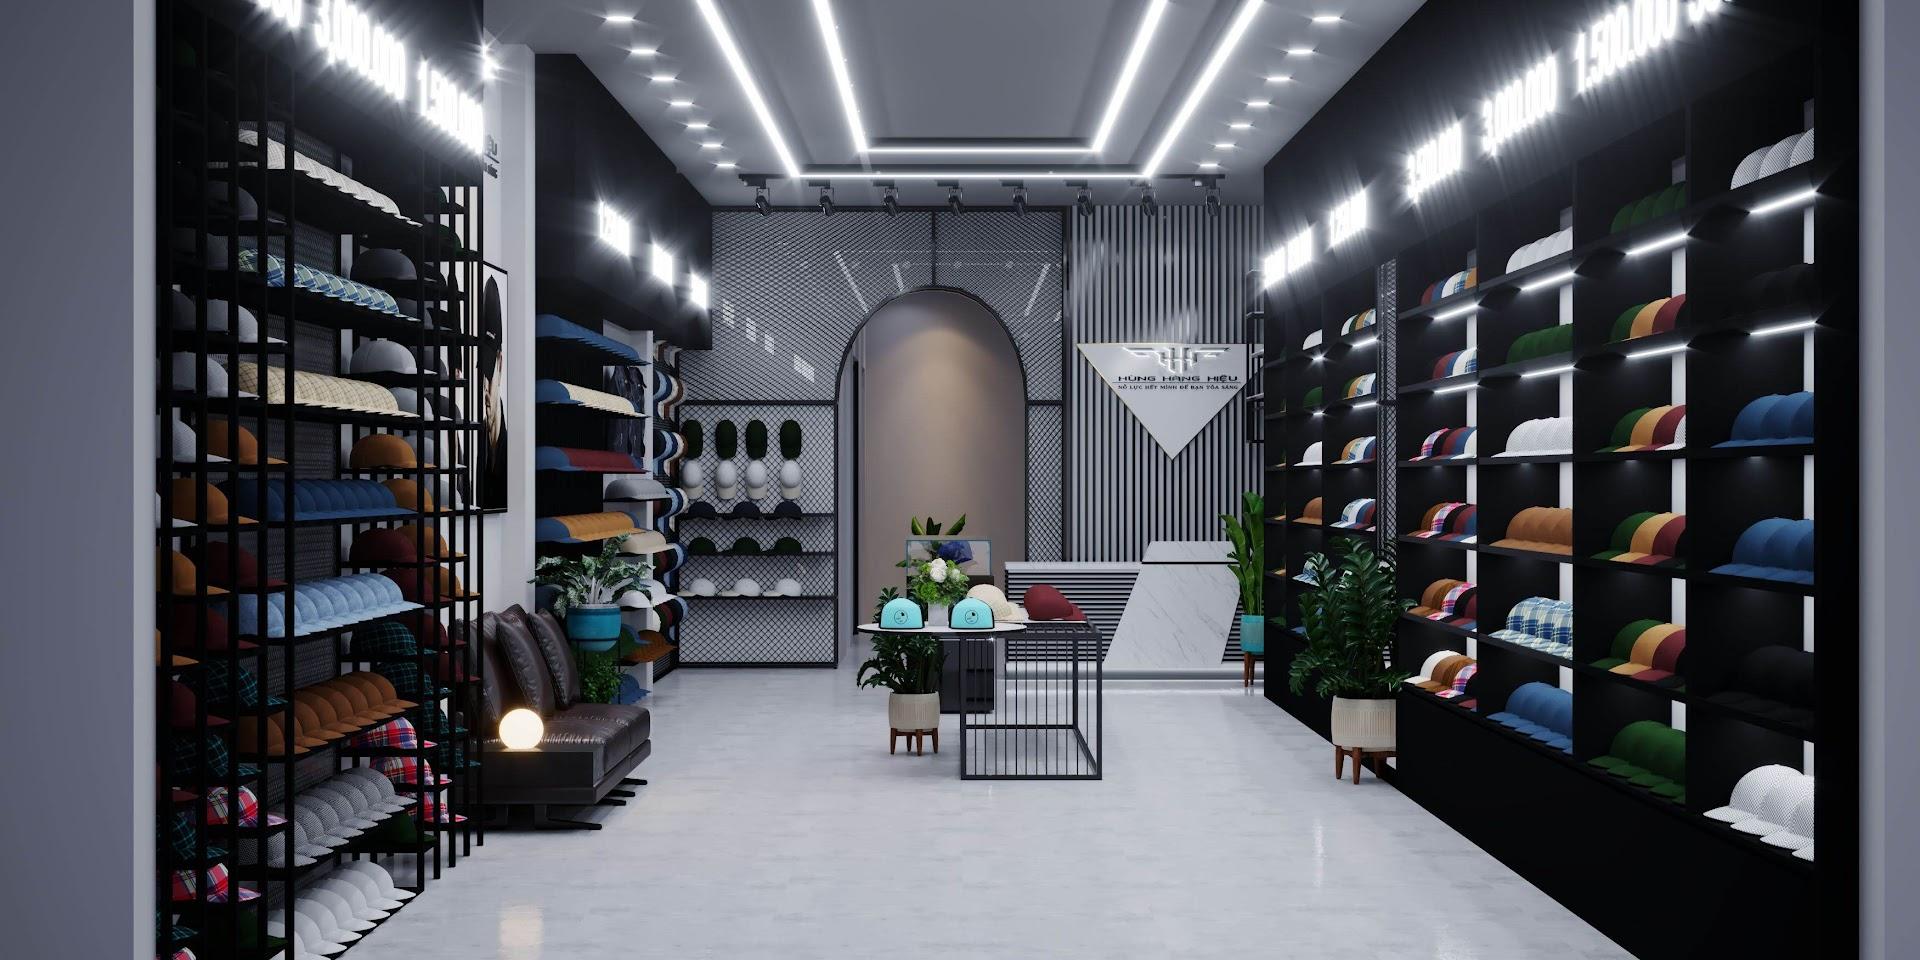 thiết kế shop nón sơn